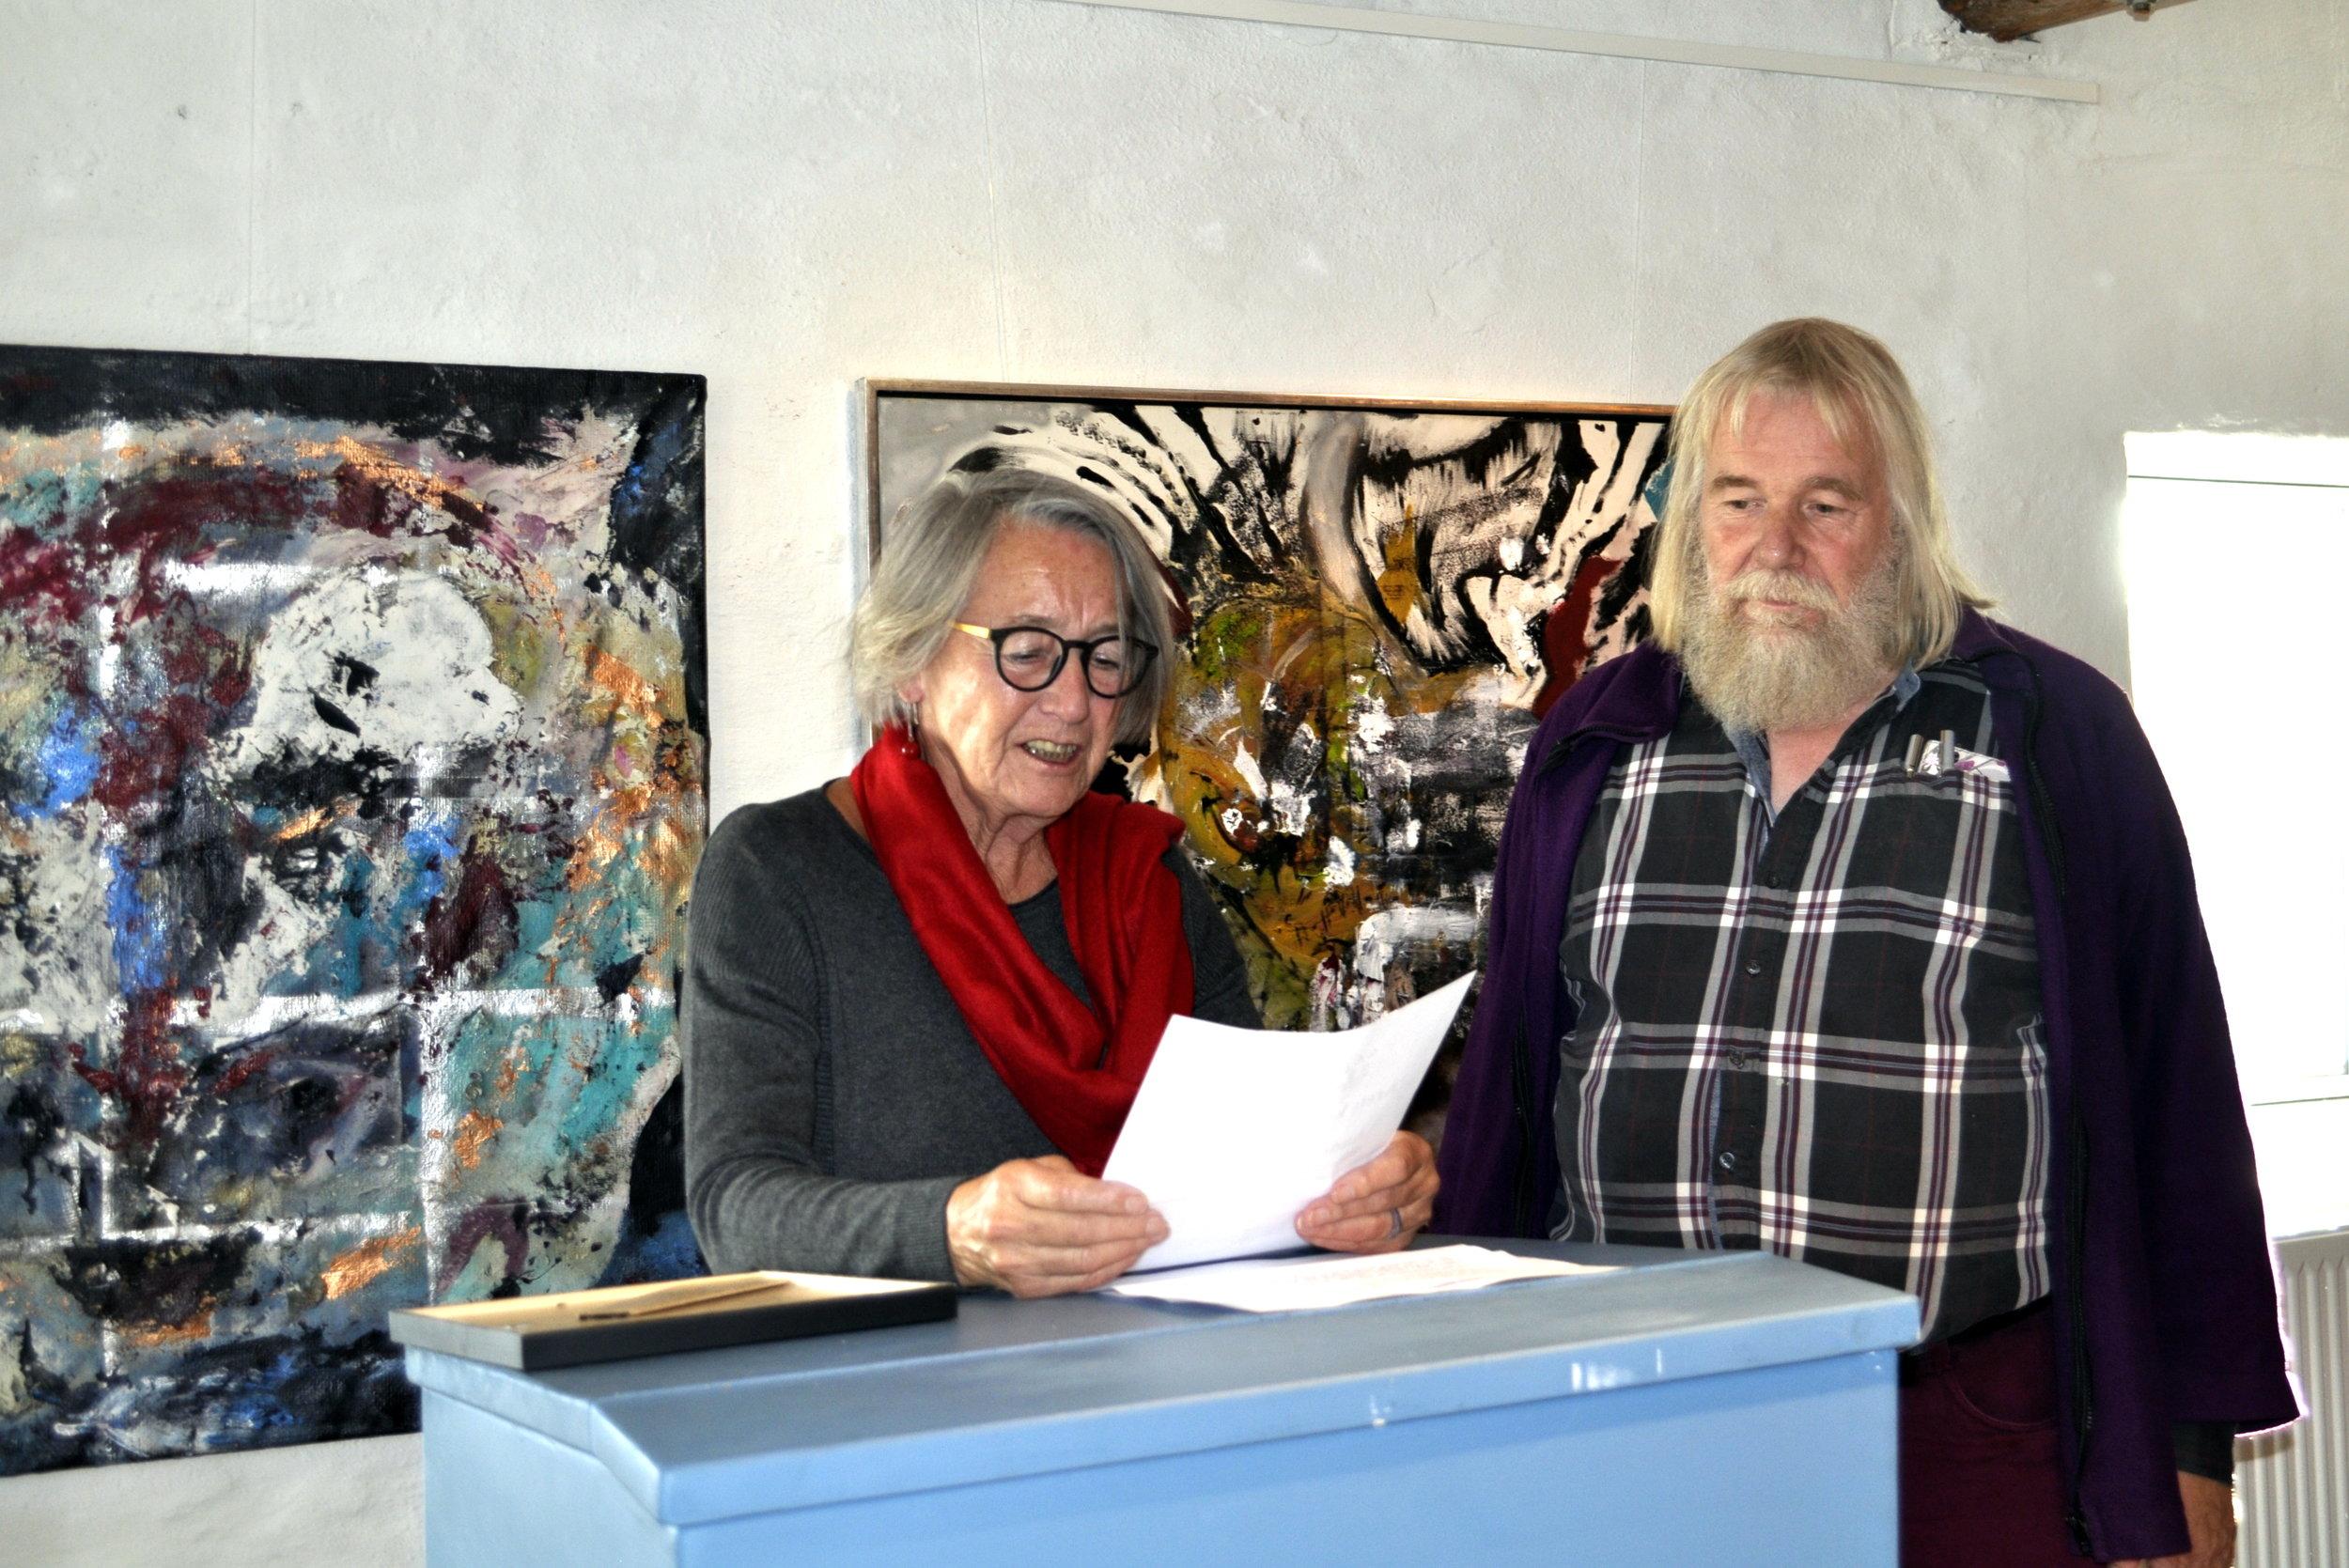 Formand, Grete Johanssen overrækker årets kunstner, Andreas Rosmon, et diplom 2017.